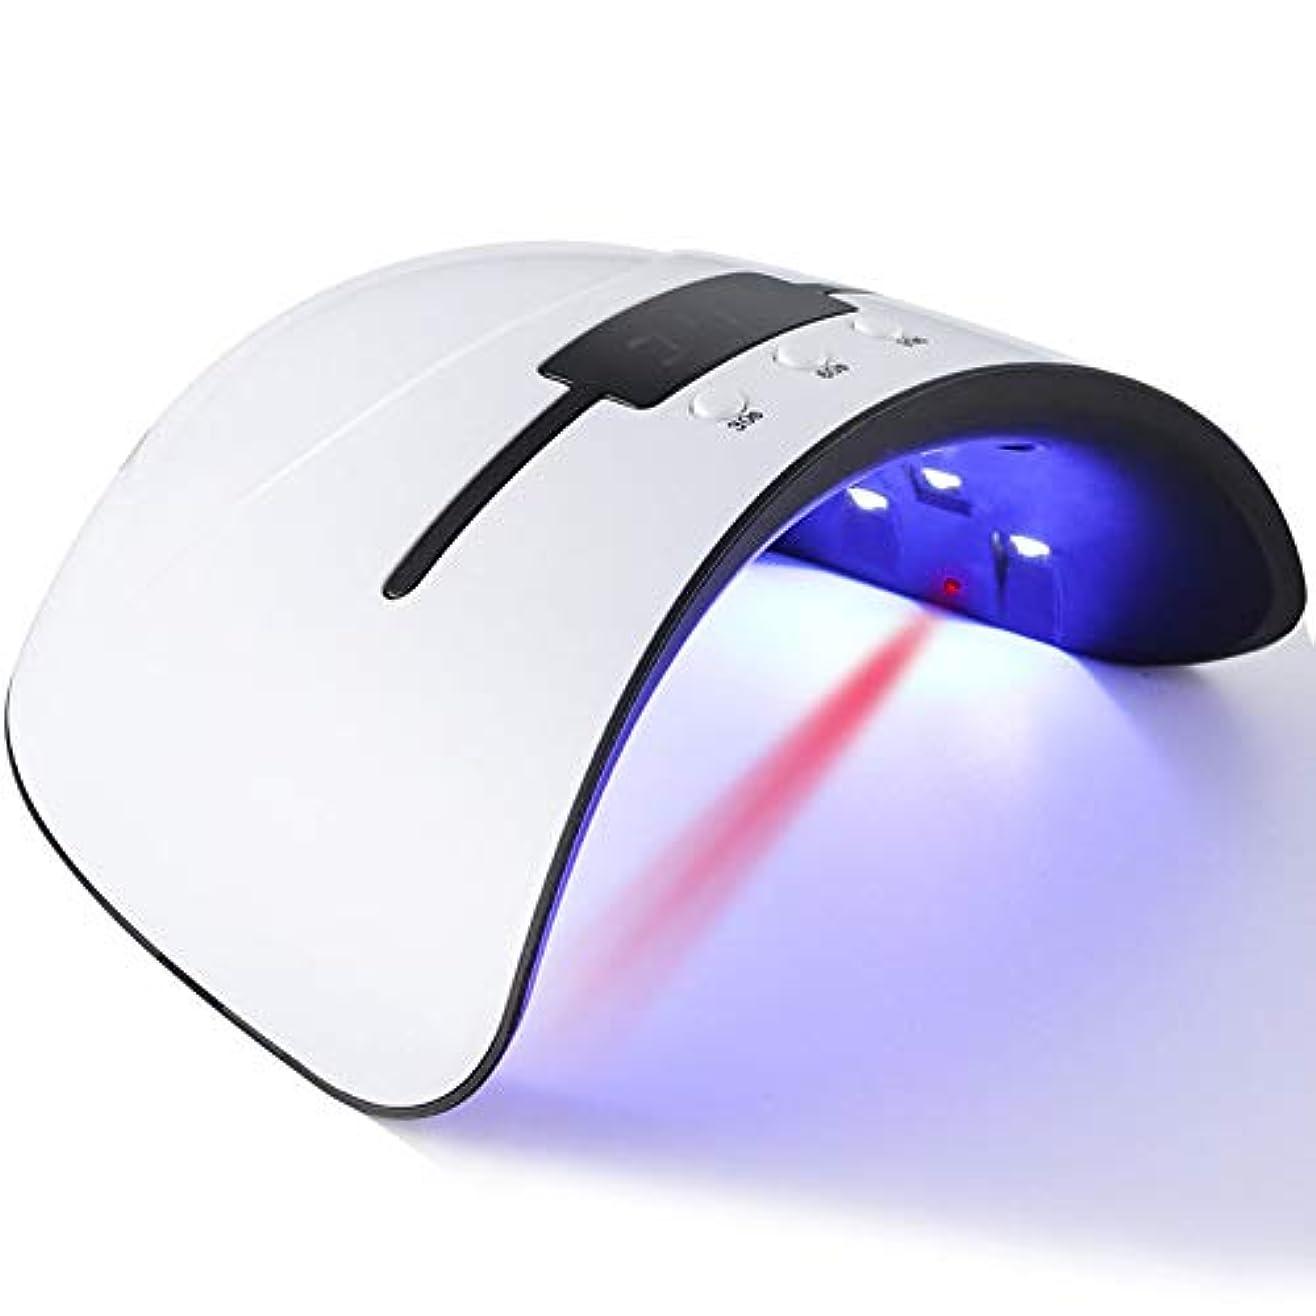 はげあえぎグローバル硬化ライト ネイルlight ジェルネイル LED ネイルドライヤー 日本語説明書付属 36W 無痛硬化 赤外線検知